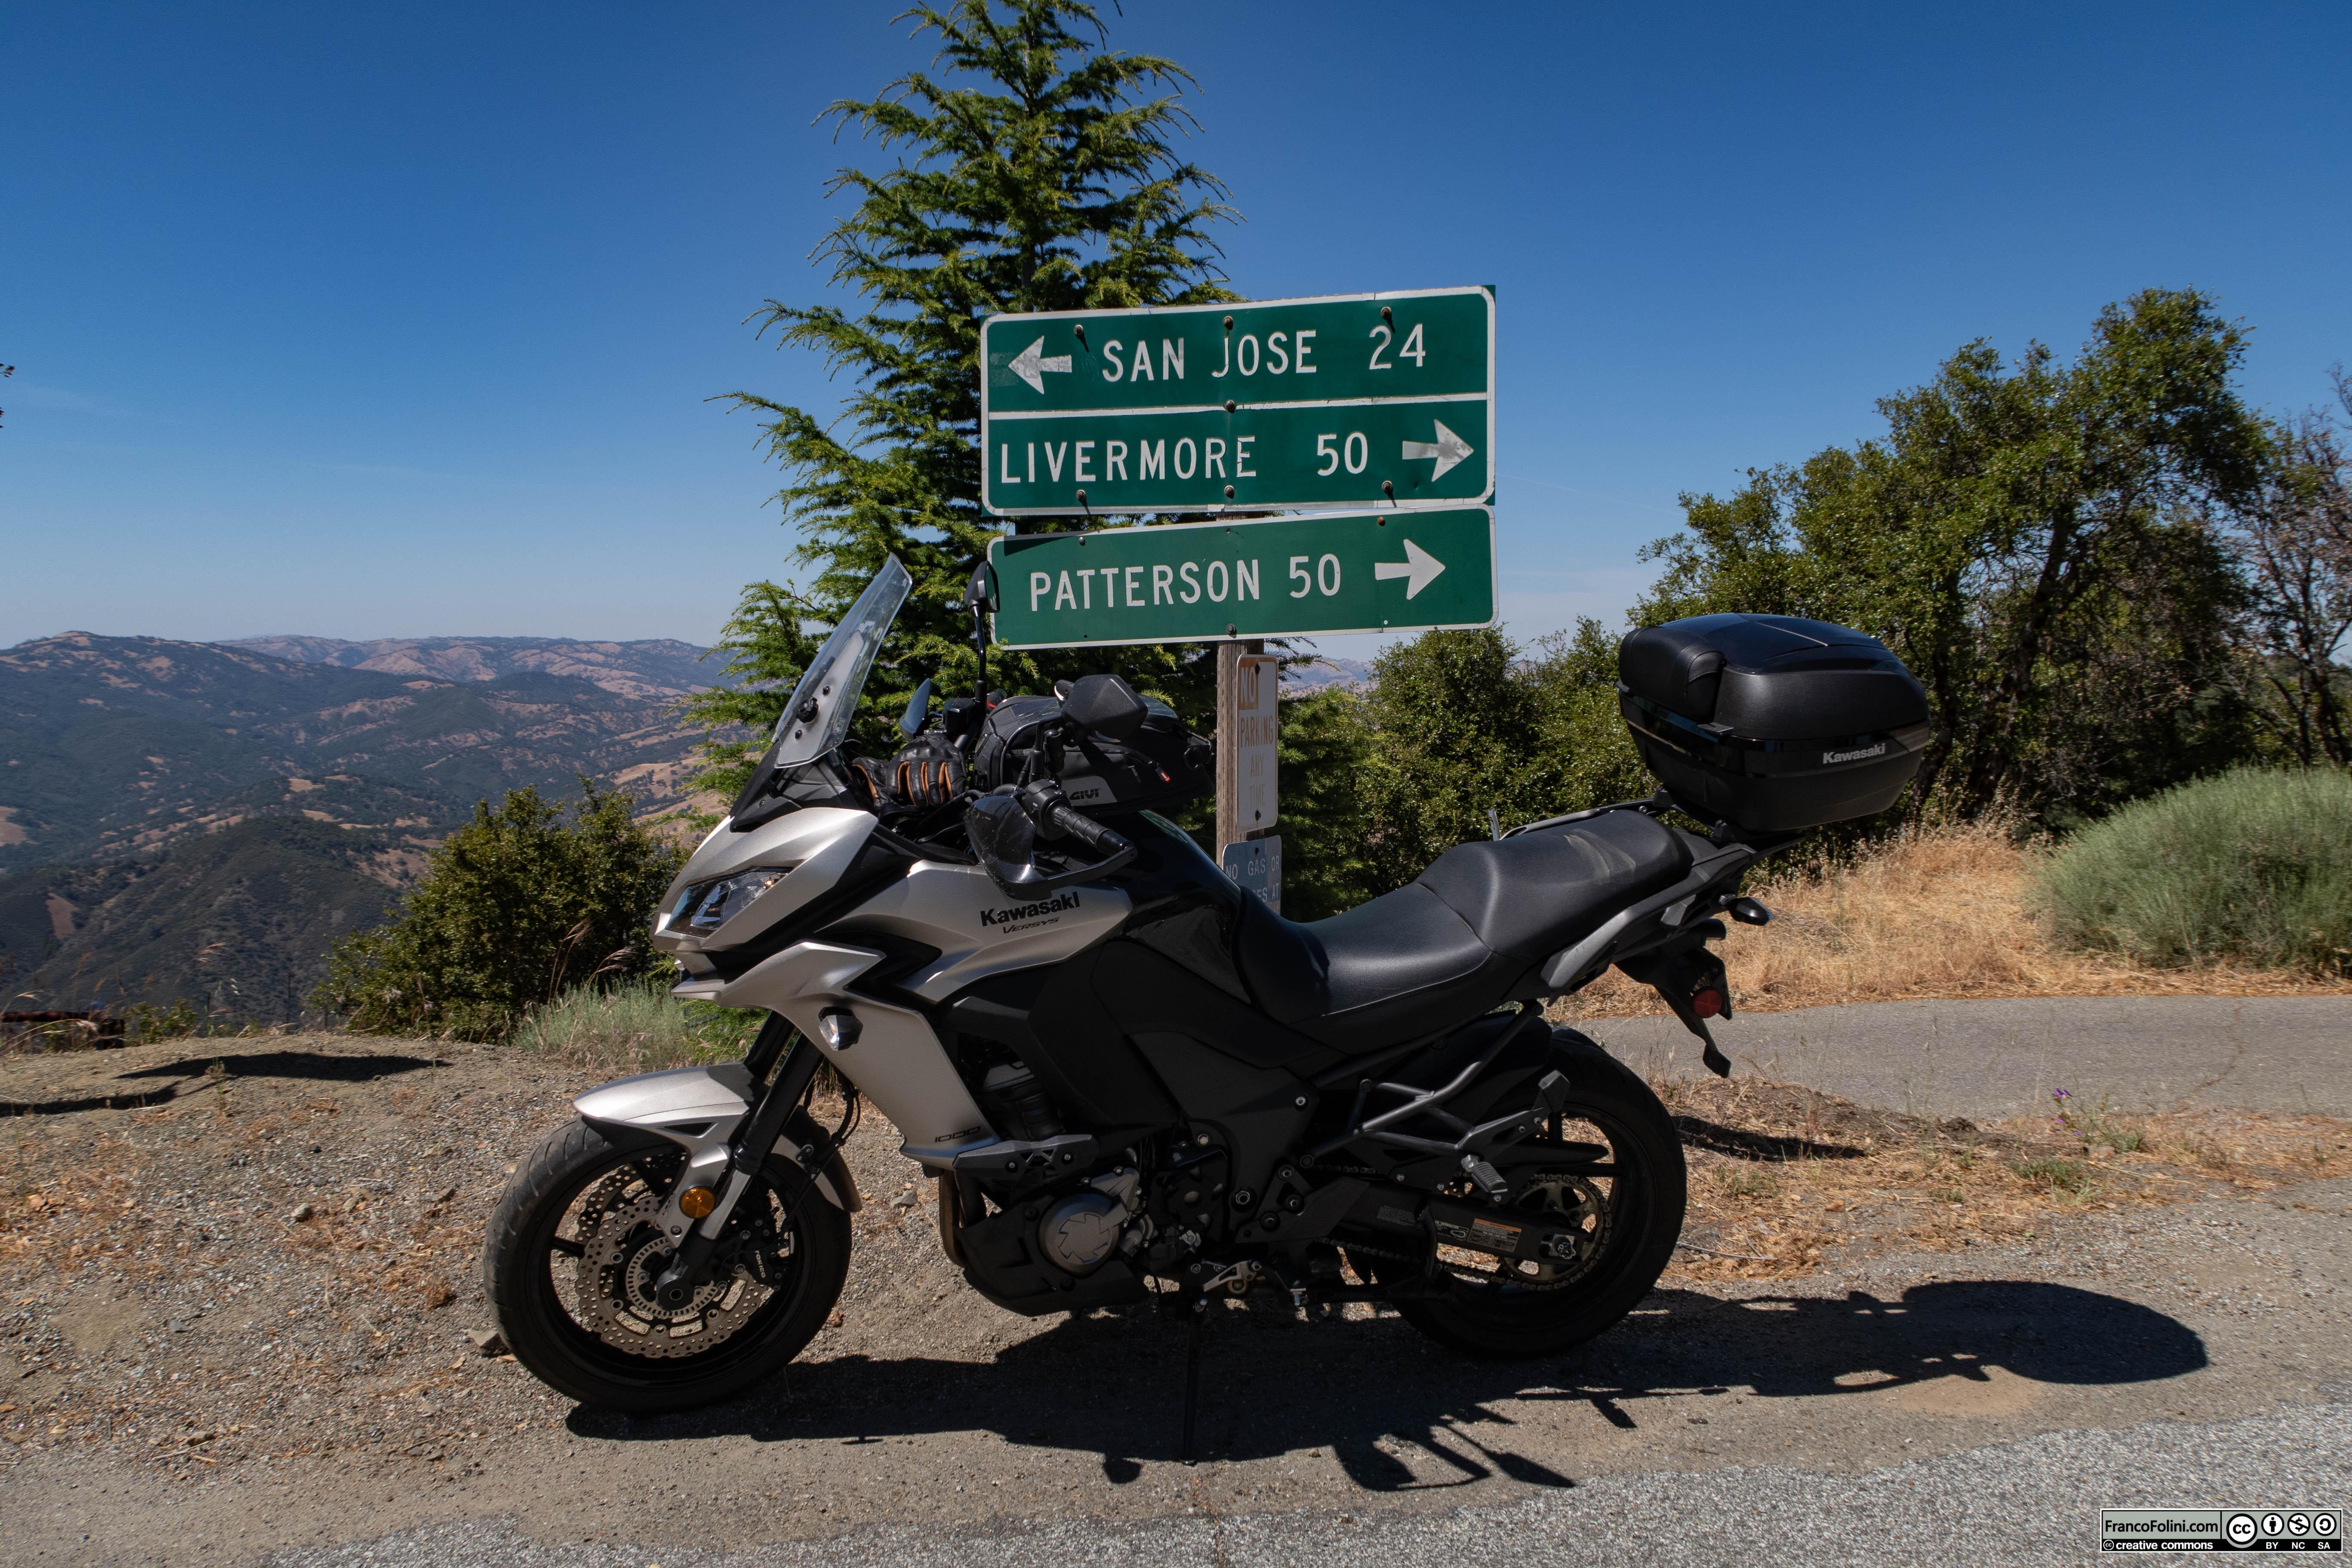 Dall'osservatorio astronomico Lick si può scendere verso San Jose lungo una ripida strada a tornanti o dirigersi verso Livermore lungo 70 km di terreno selvaggio e completamente disabitato.